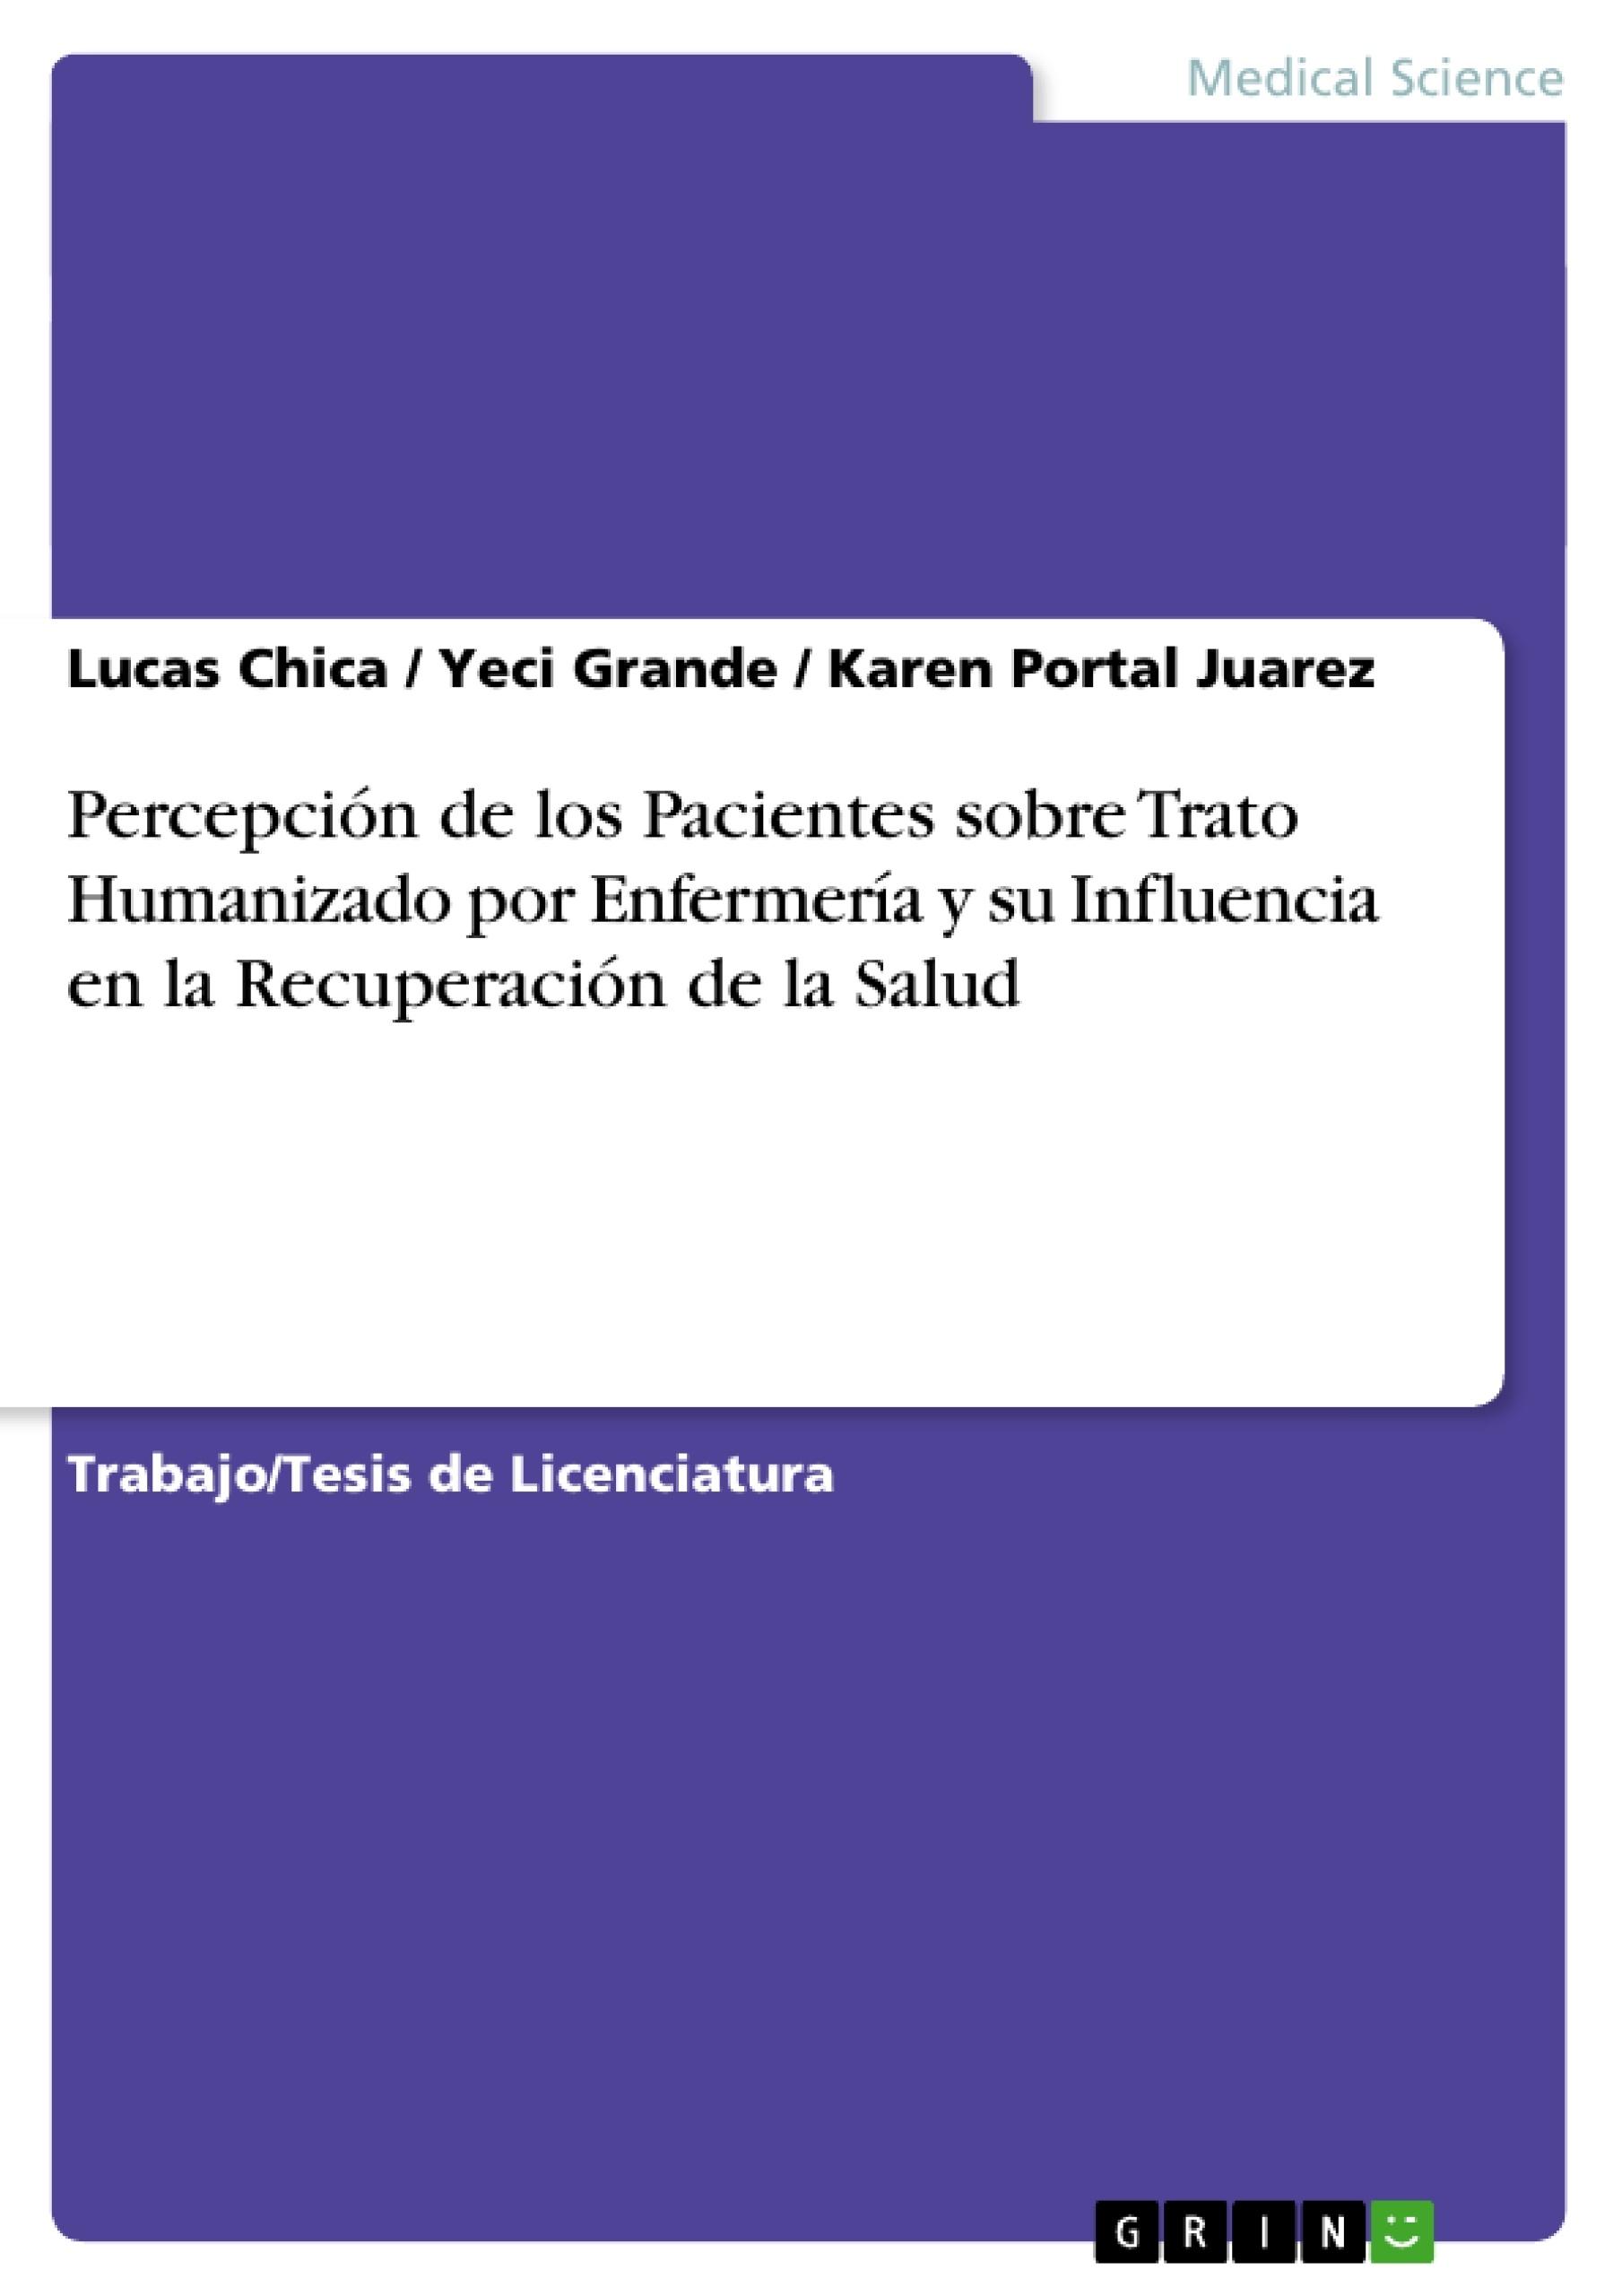 Percepción de los Pacientes sobre Trato Humanizado por Enfermería ...